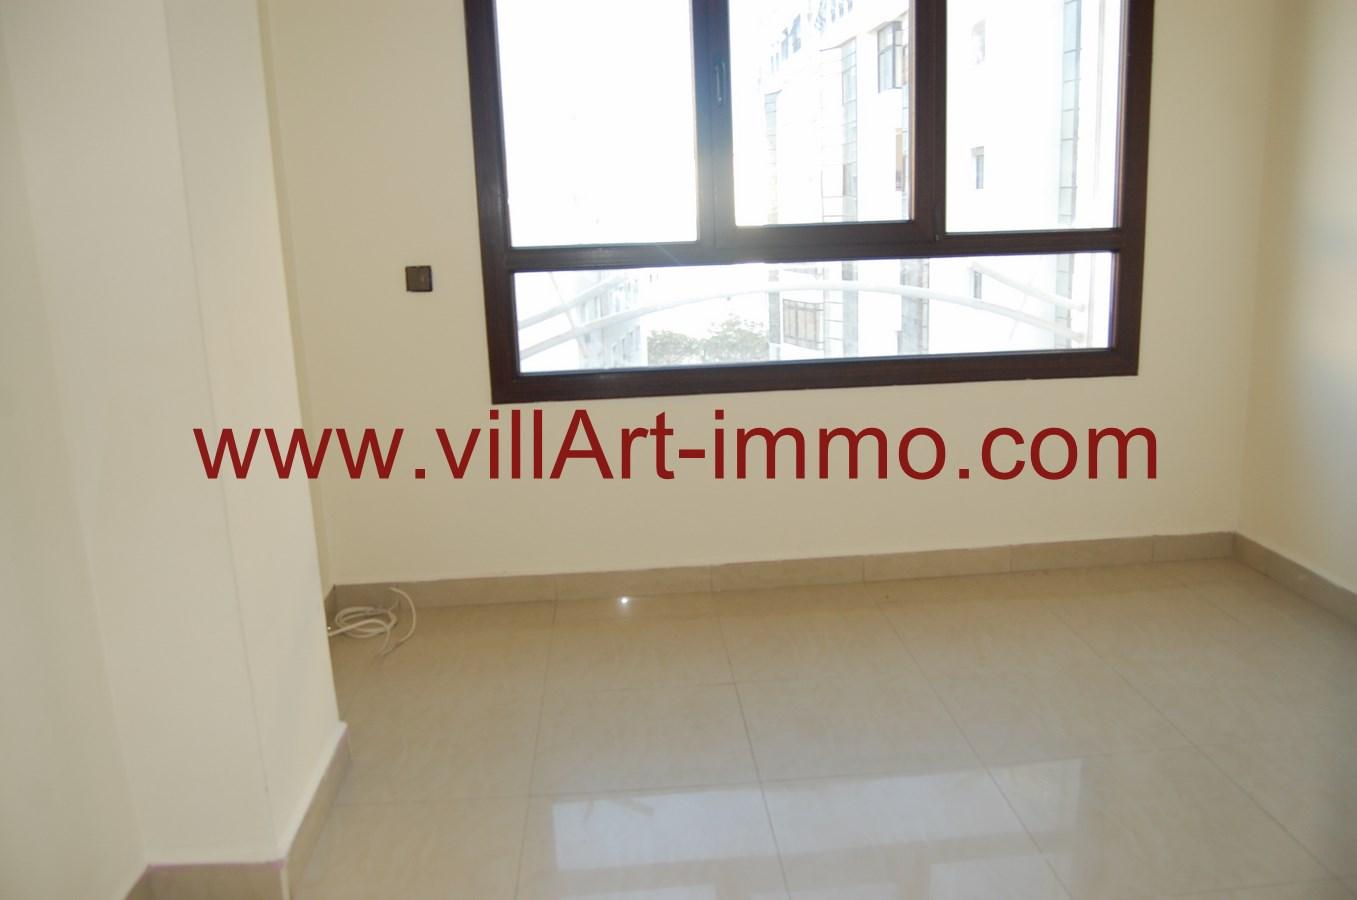 7-a-louer-appartement-non-meuble-tanger-chambre-2-l891-villart-immo